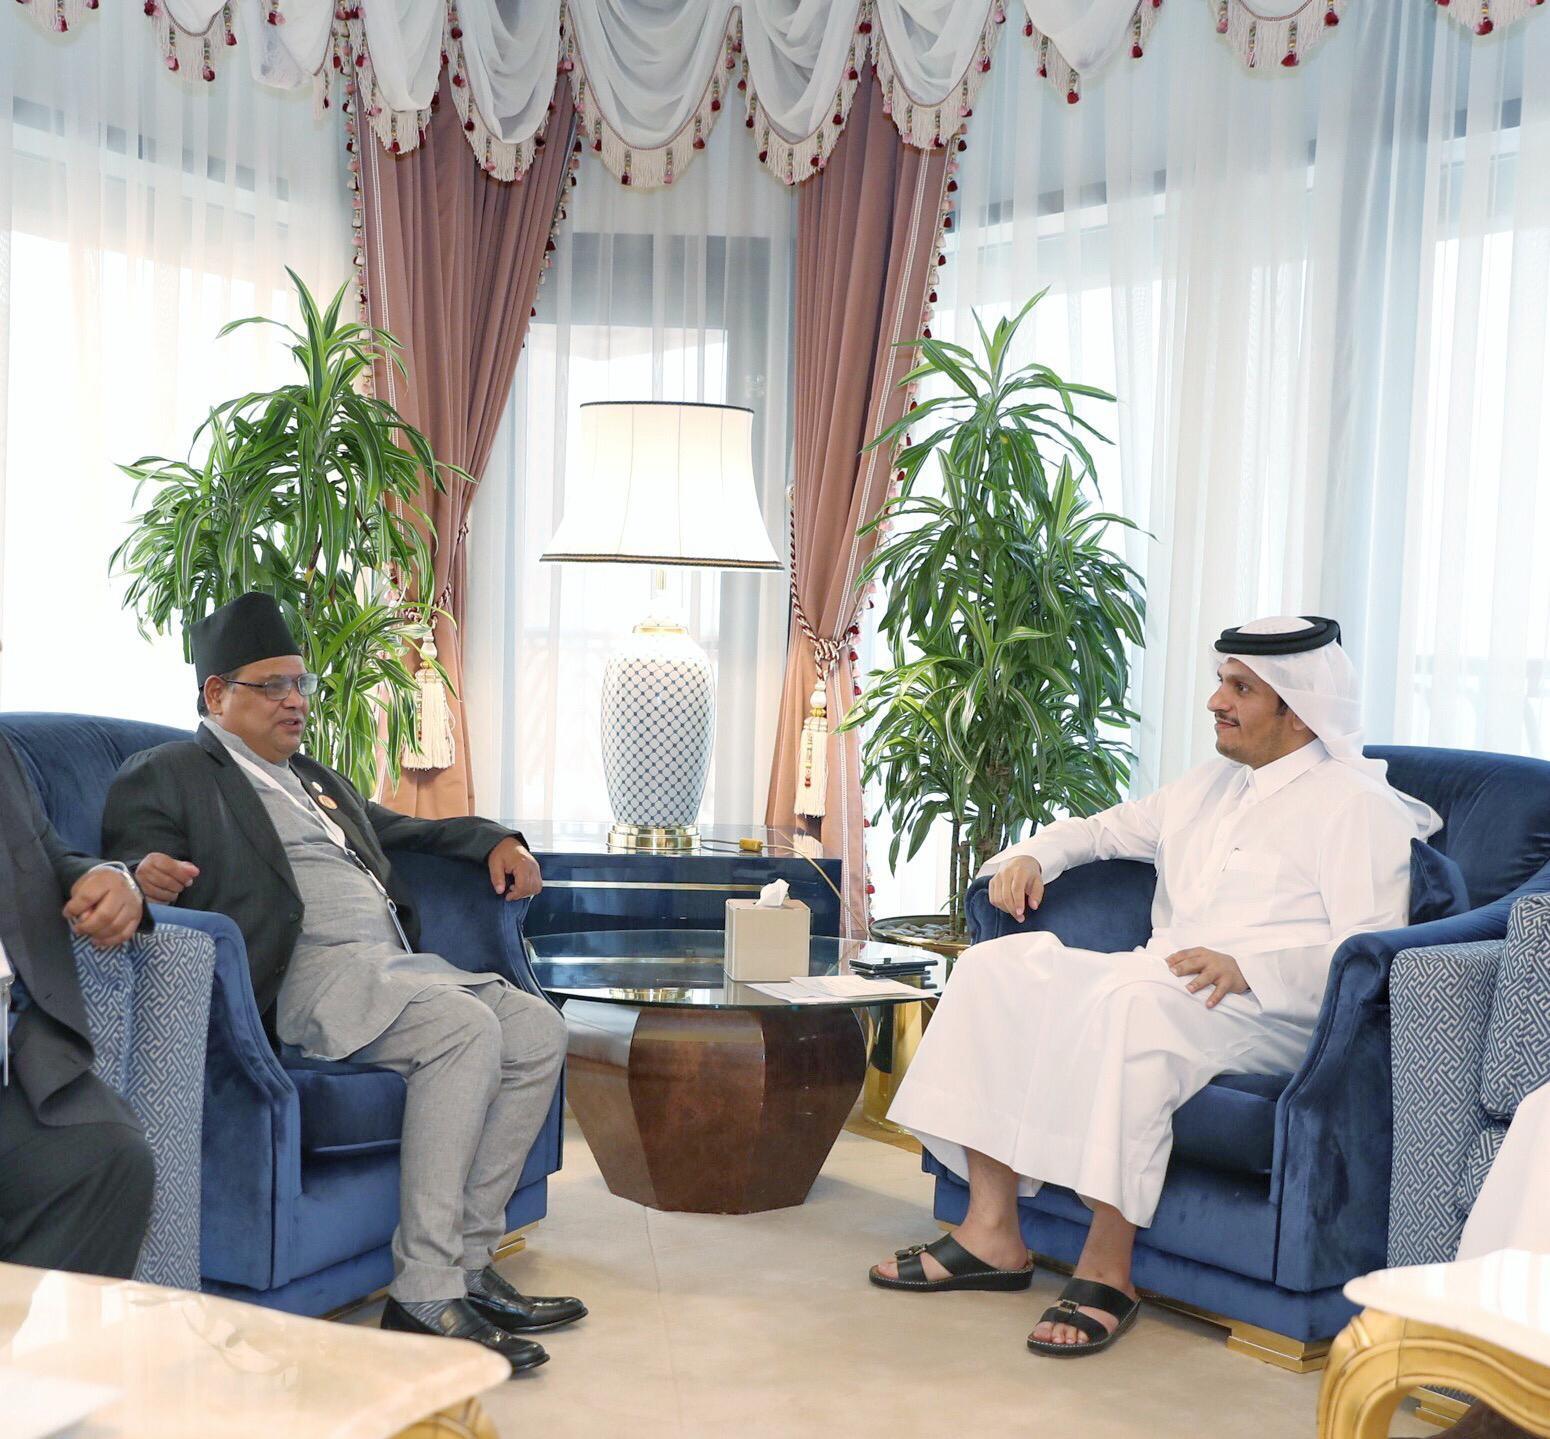 نائب رئيس مجلس الوزراء وزير الخارجية يجتمع مع مسؤولين برلمانيين من سريلانكا ونيبال والسويد وألمانيا